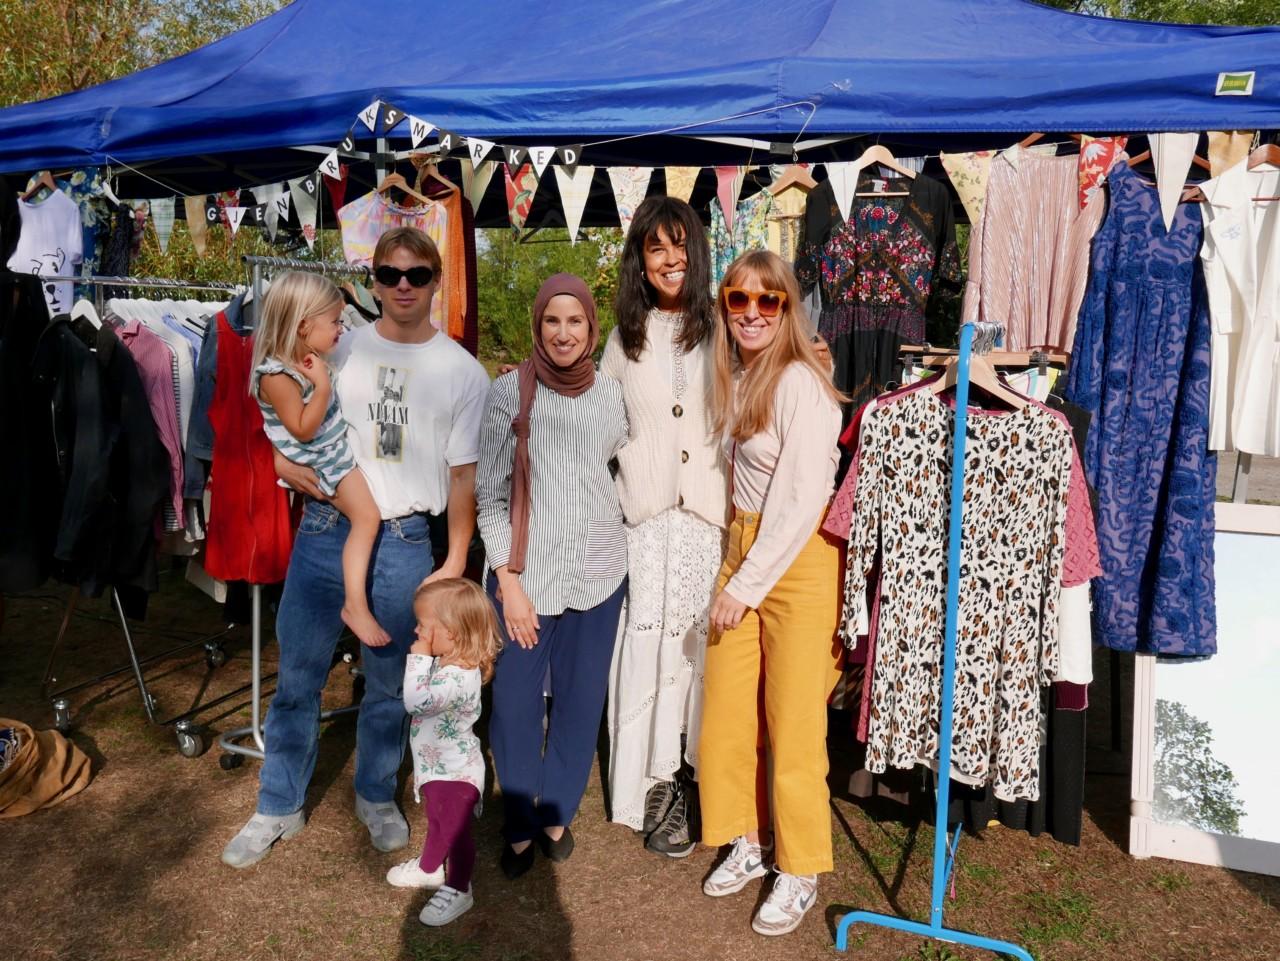 dream-team-gjenbruksmarked-gronn-festival-hellviktangen